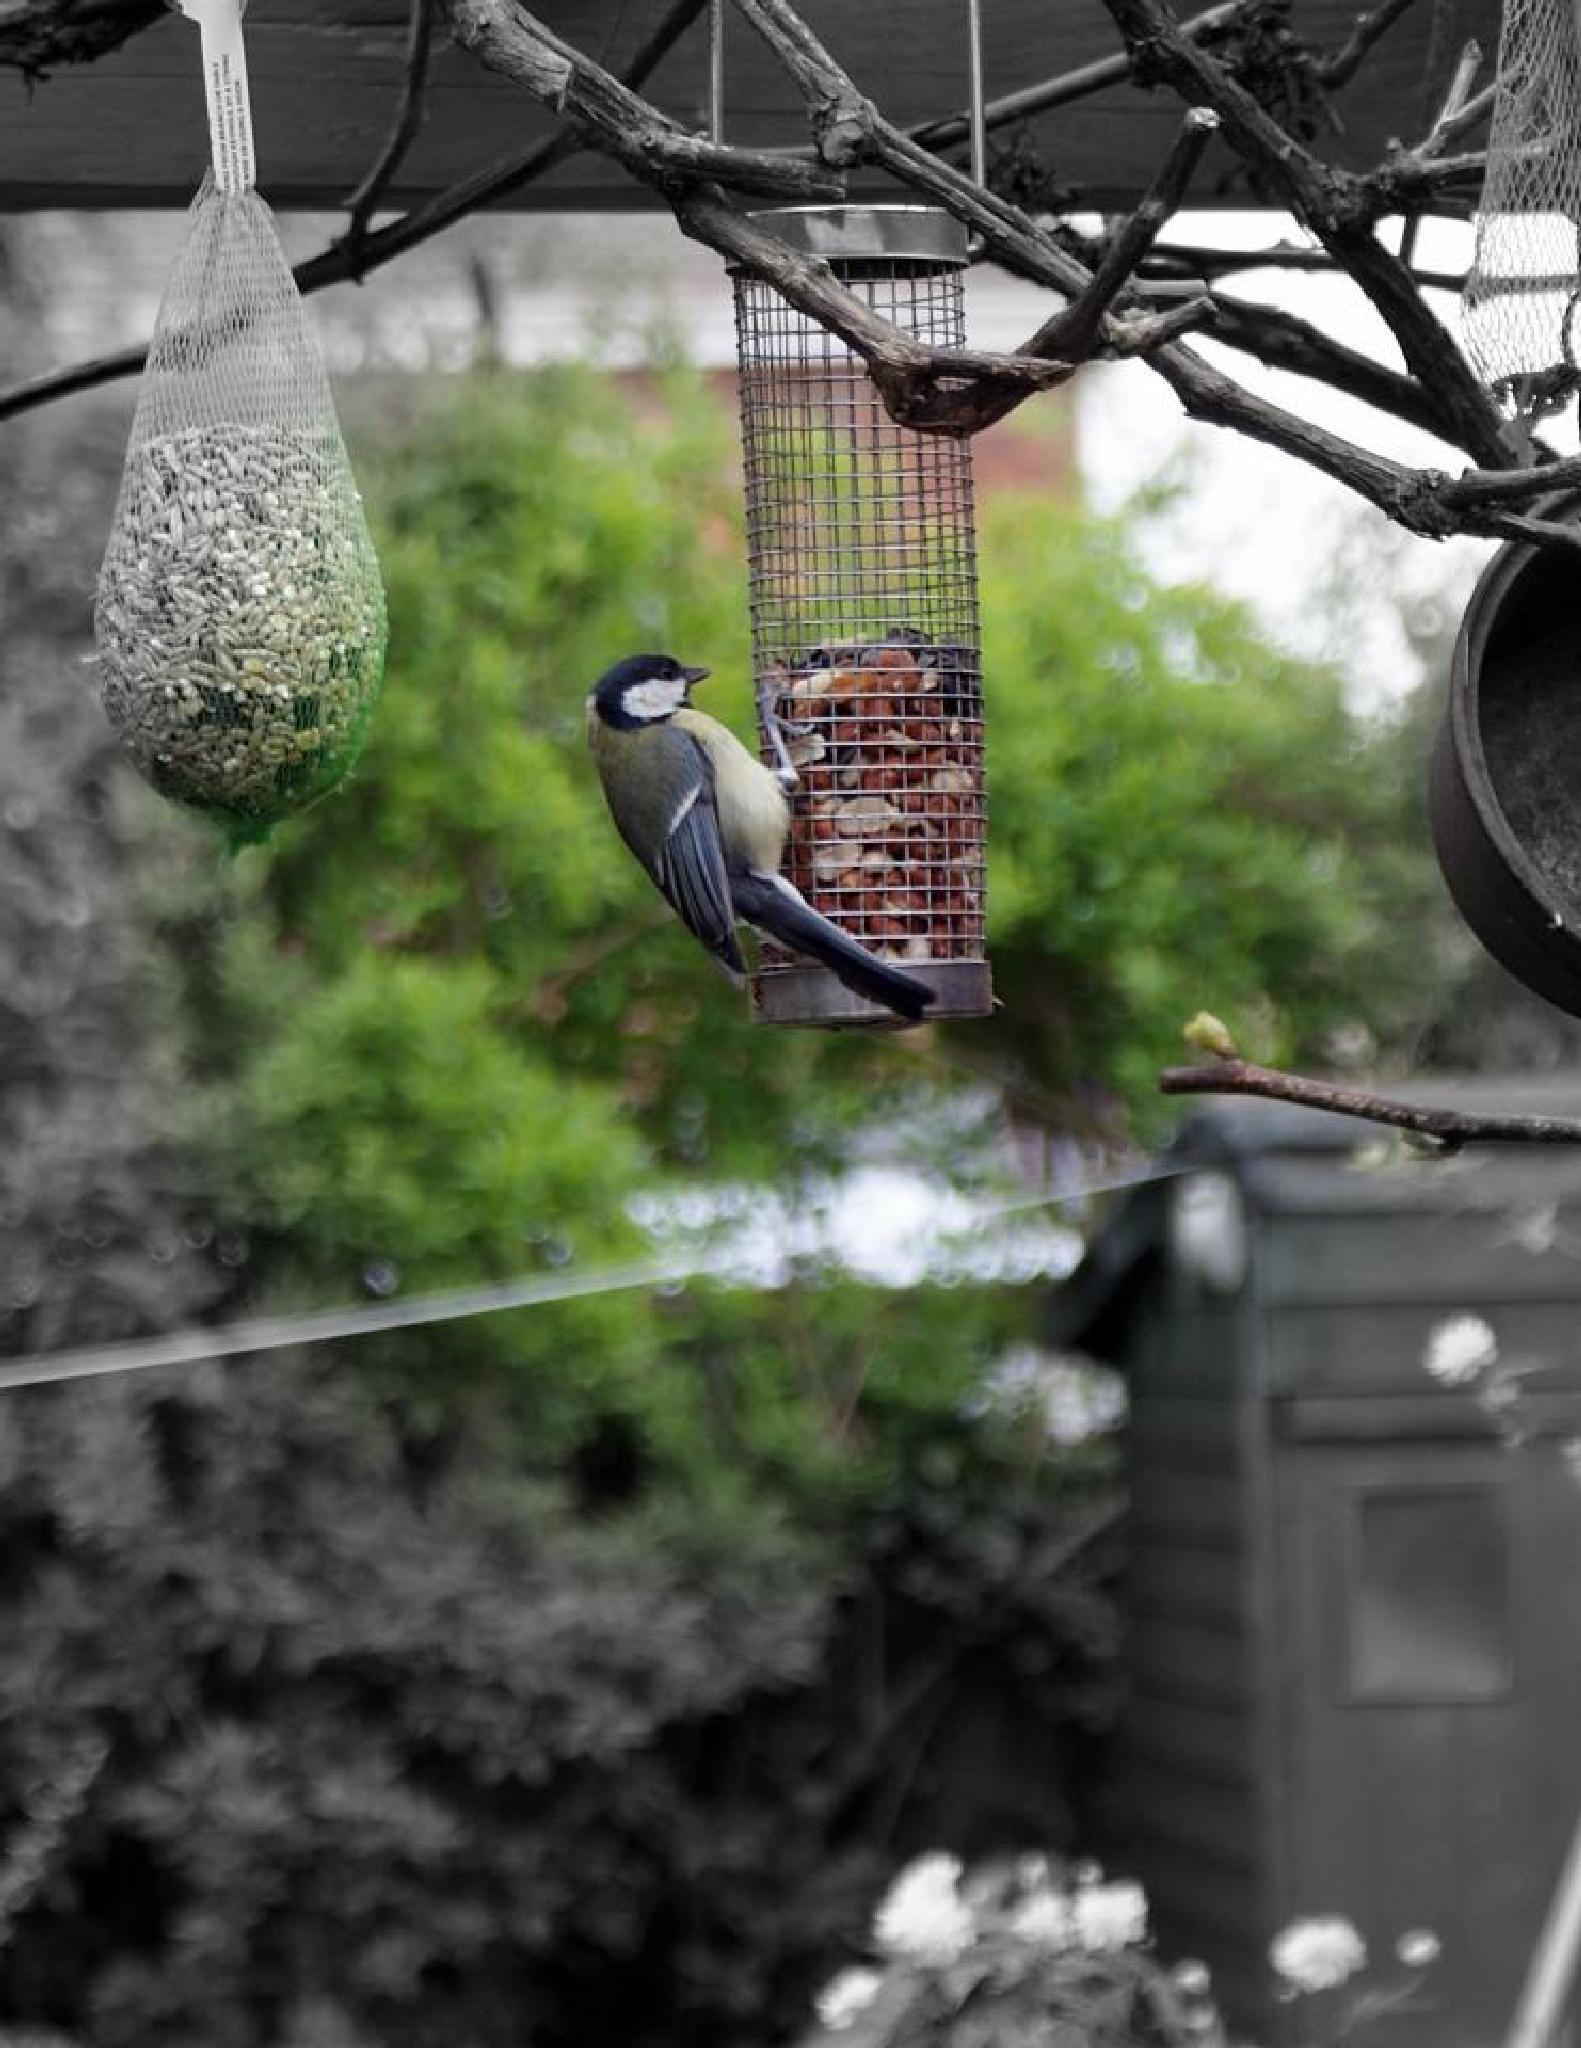 Feeding time by imurfin